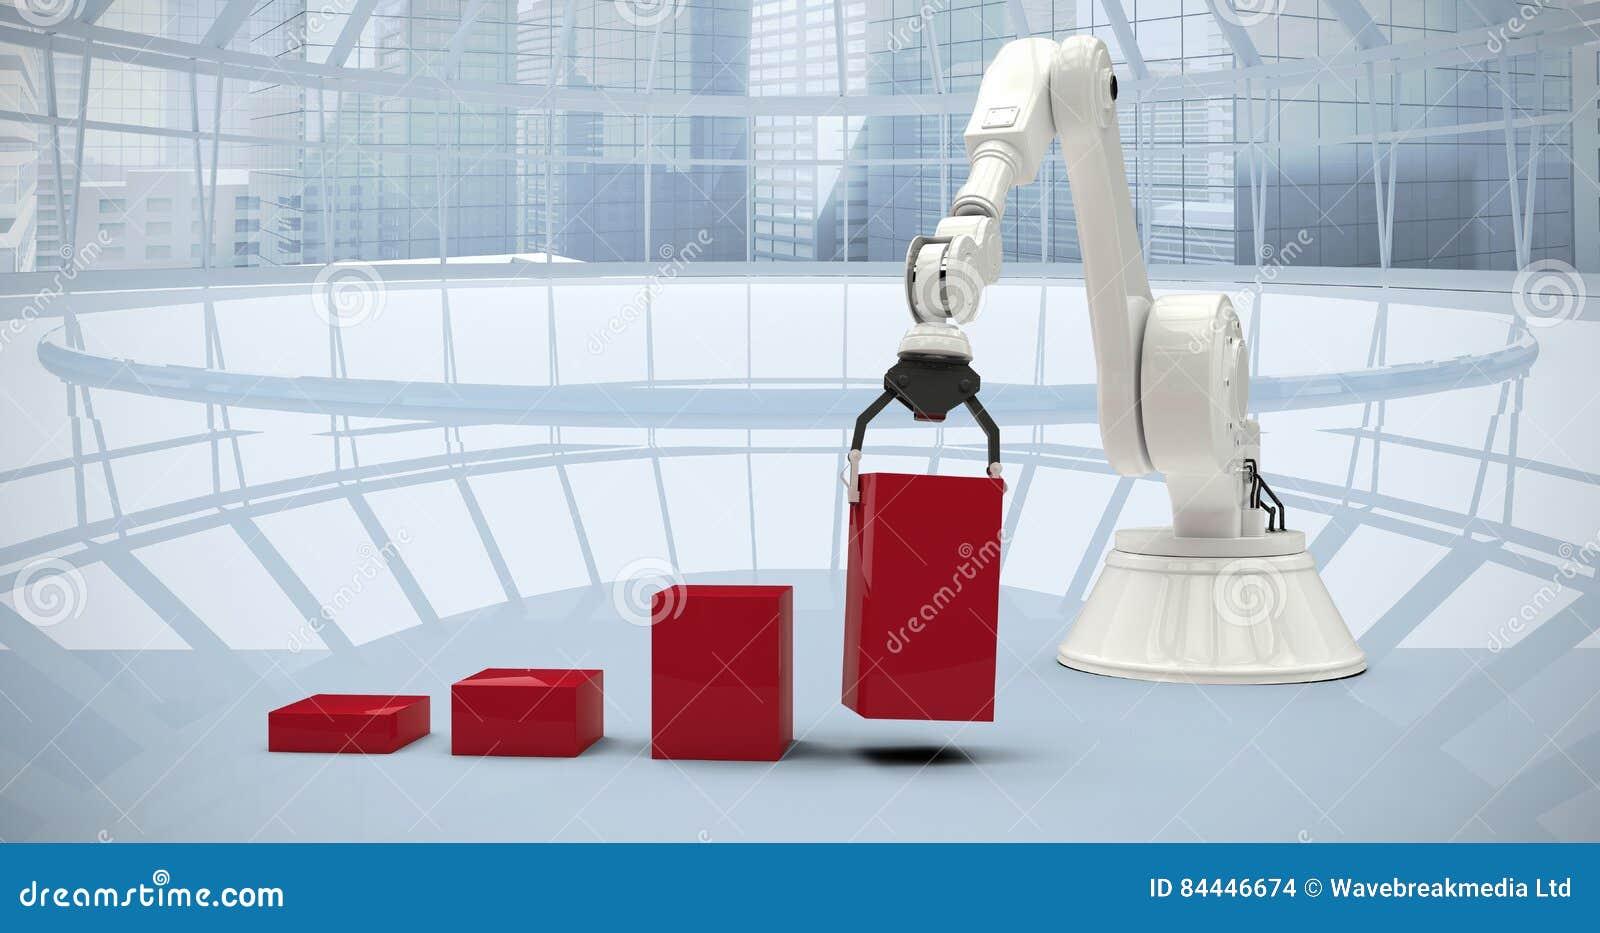 Samengesteld beeld van samengesteld beeld die van robot rode stuk speelgoed blokken schikken in 3d bar ghaph